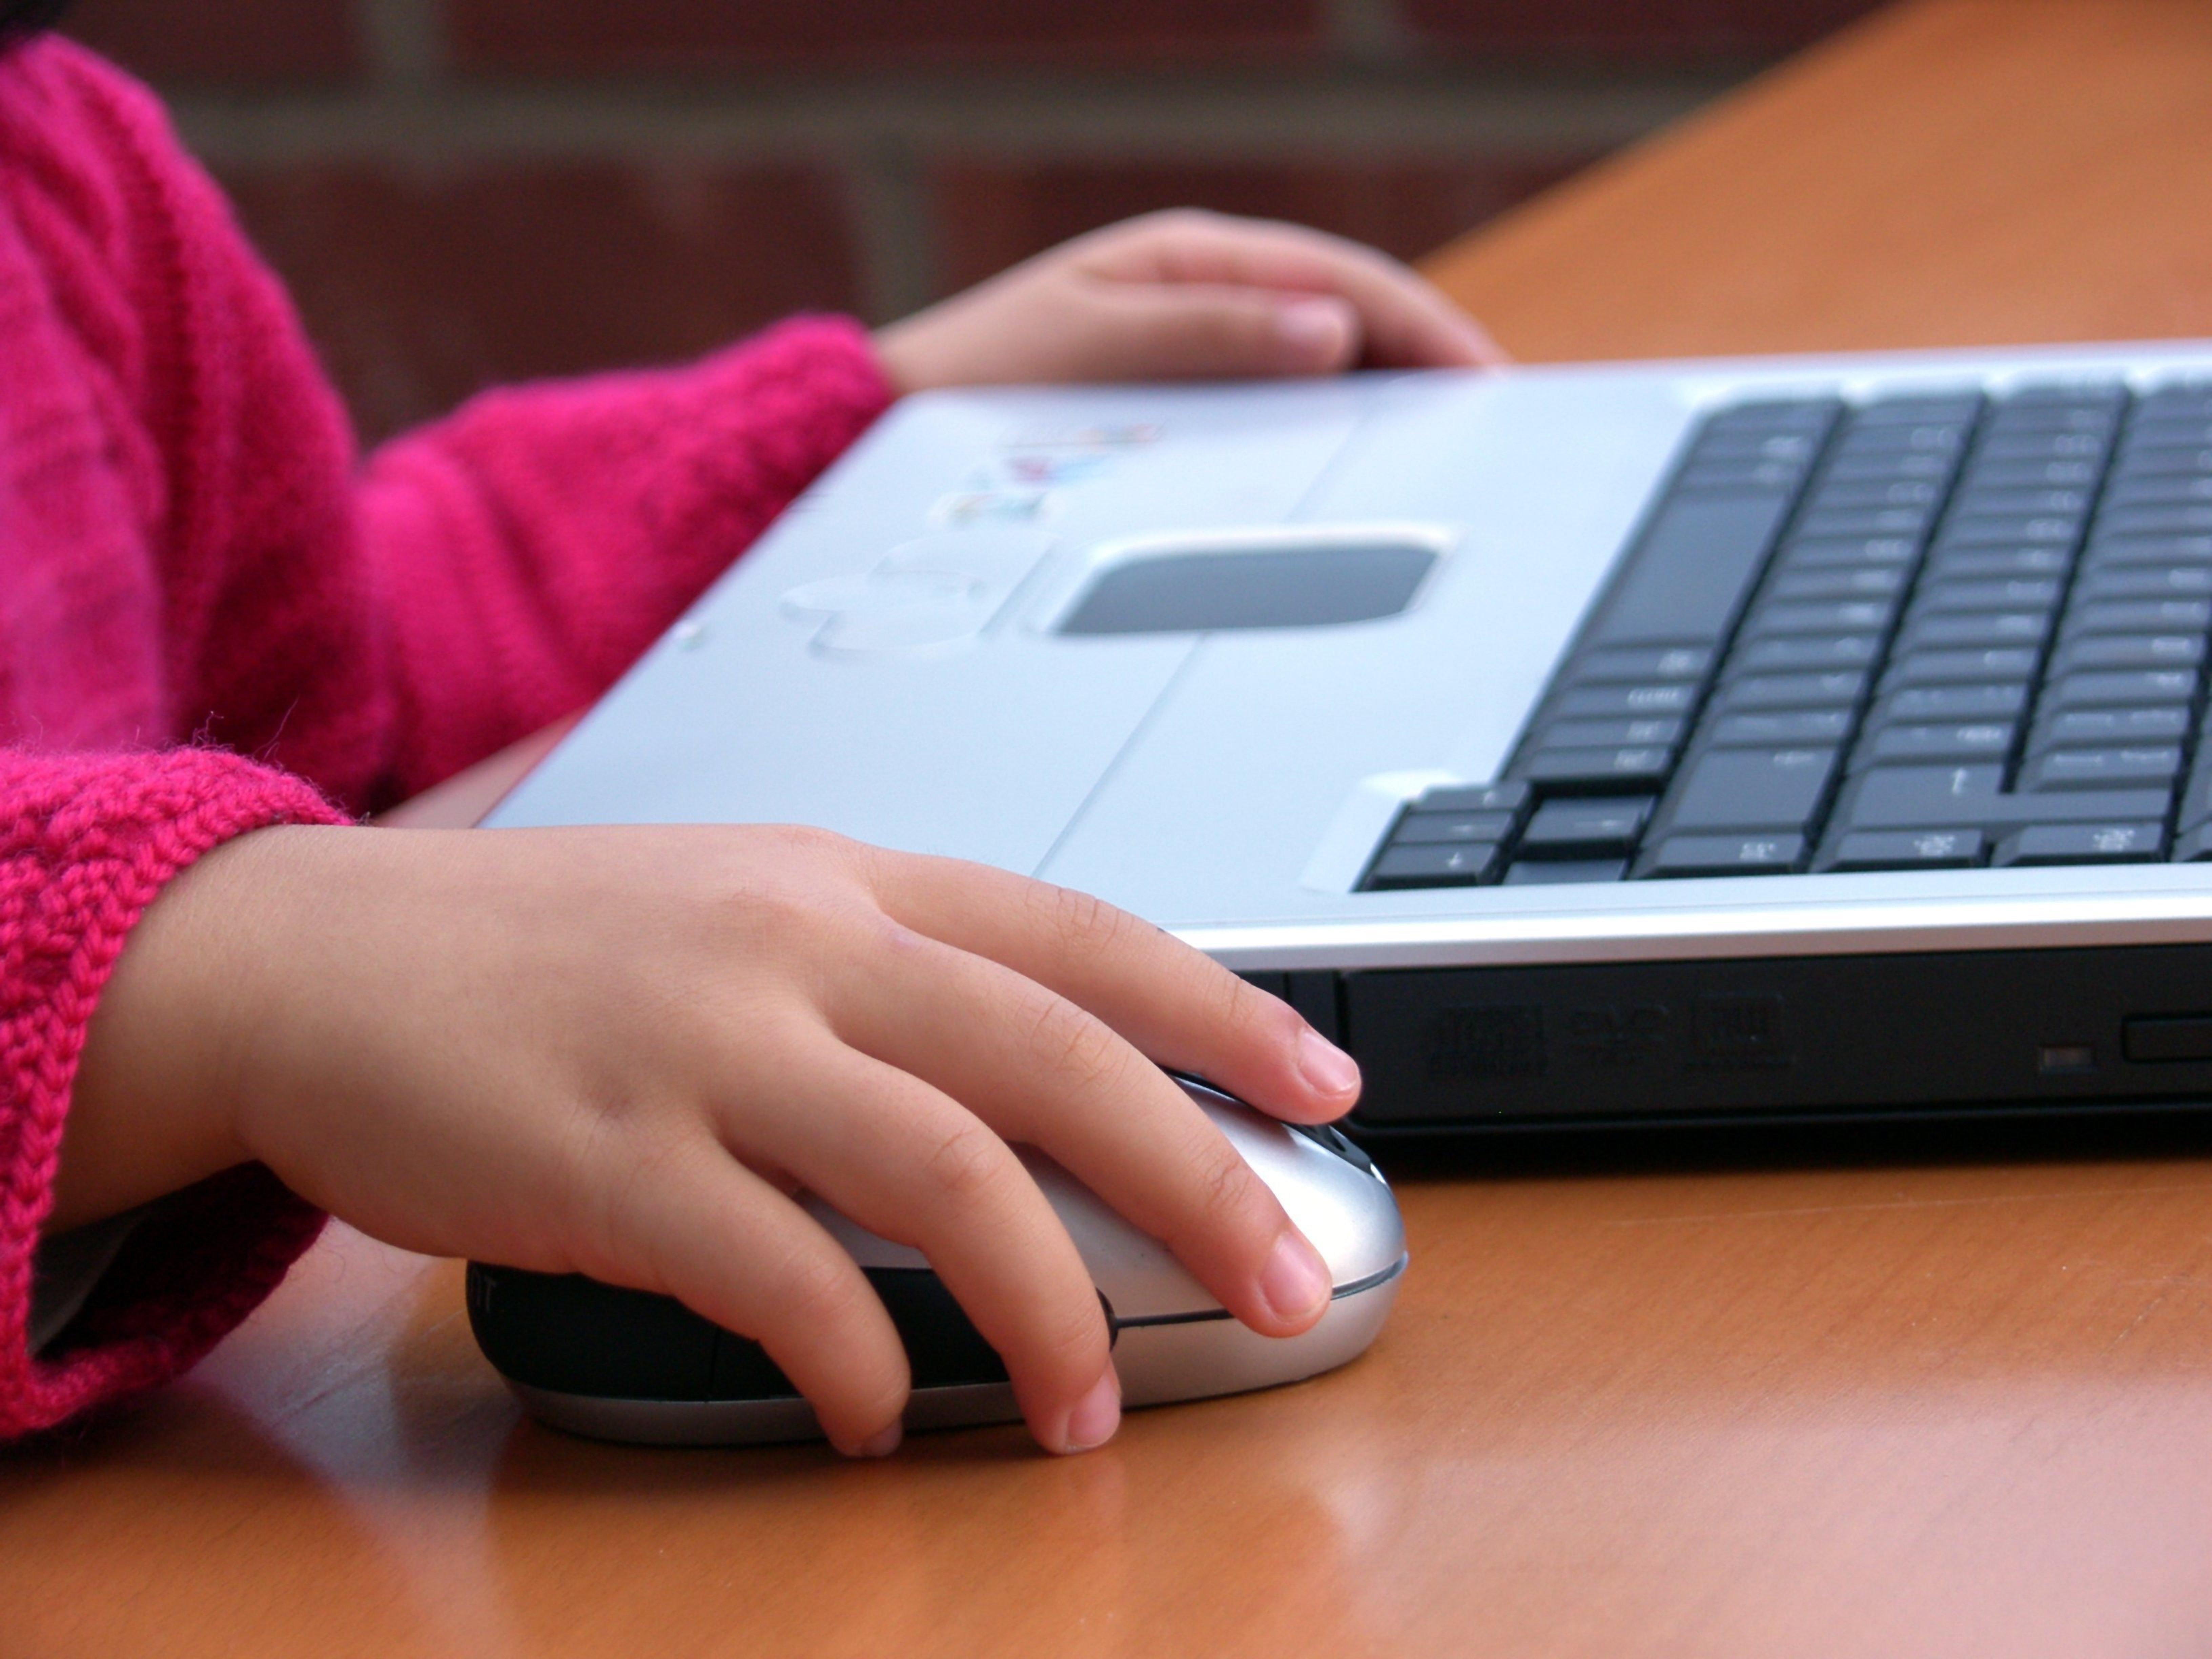 【父母指南】青少年如何打造與網路媒體的健康關係?四個案例分享